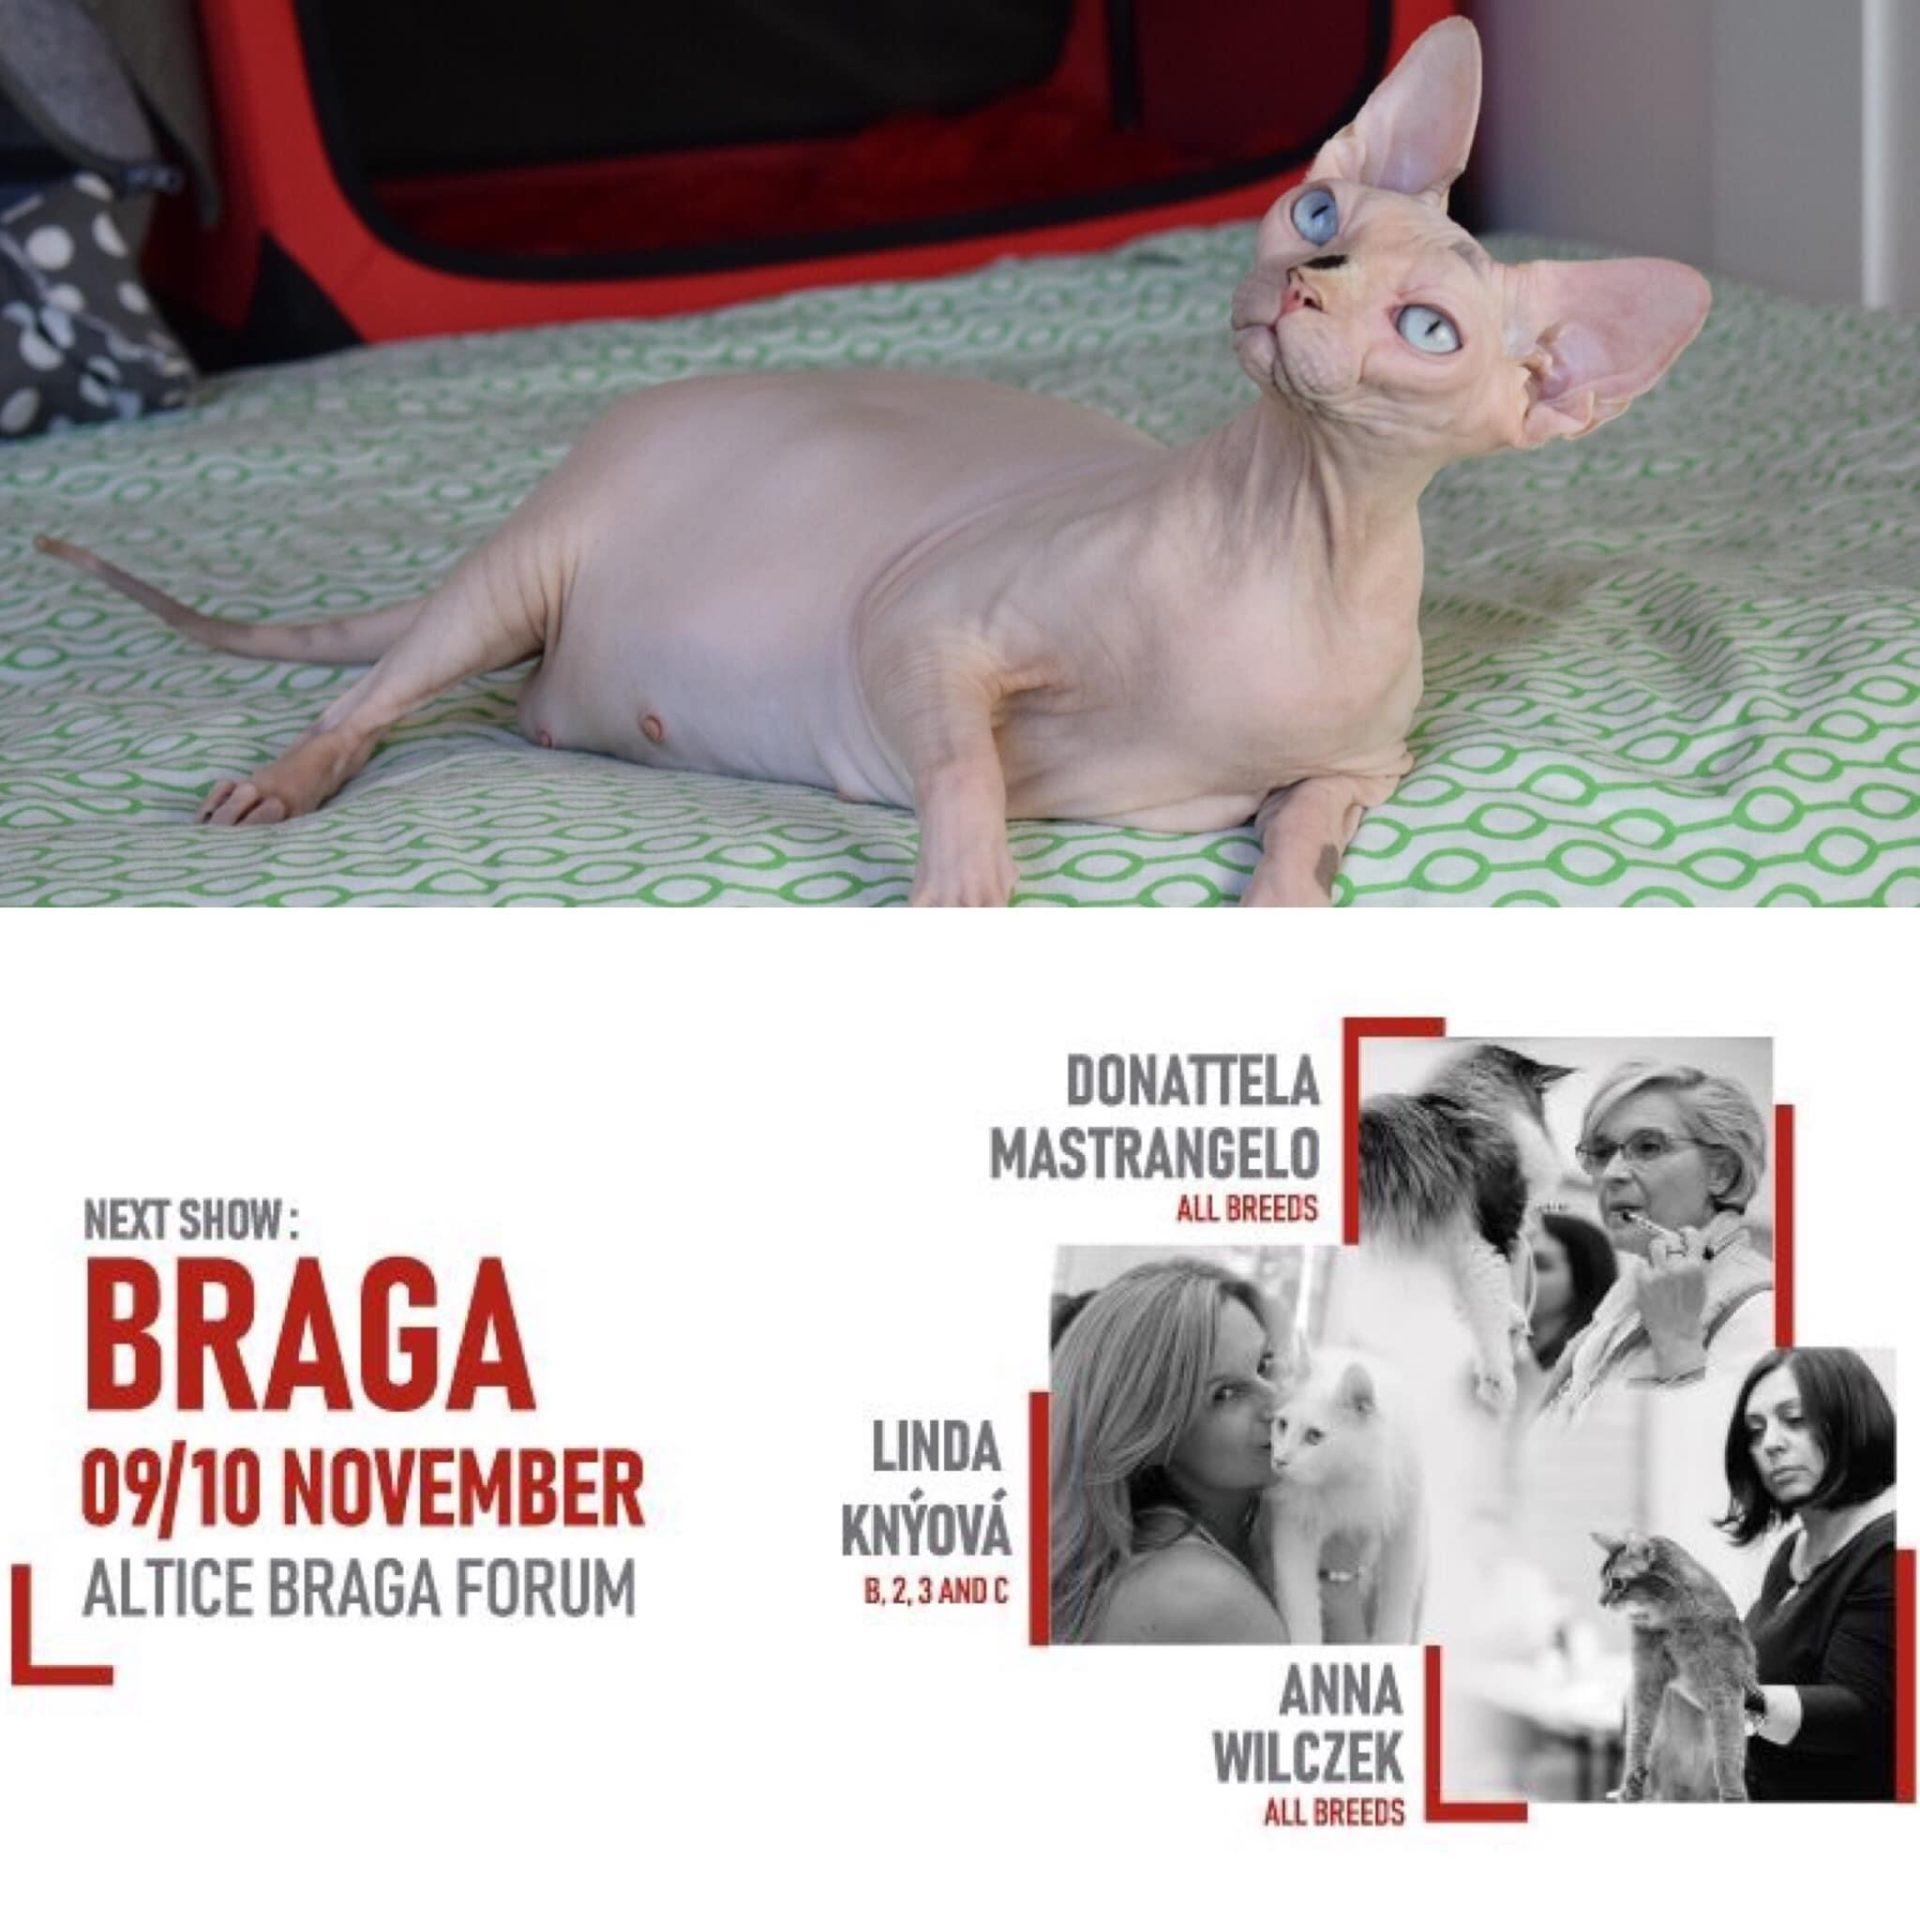 Exposición Internacional Braga 9 y 10 de noviembre 2019